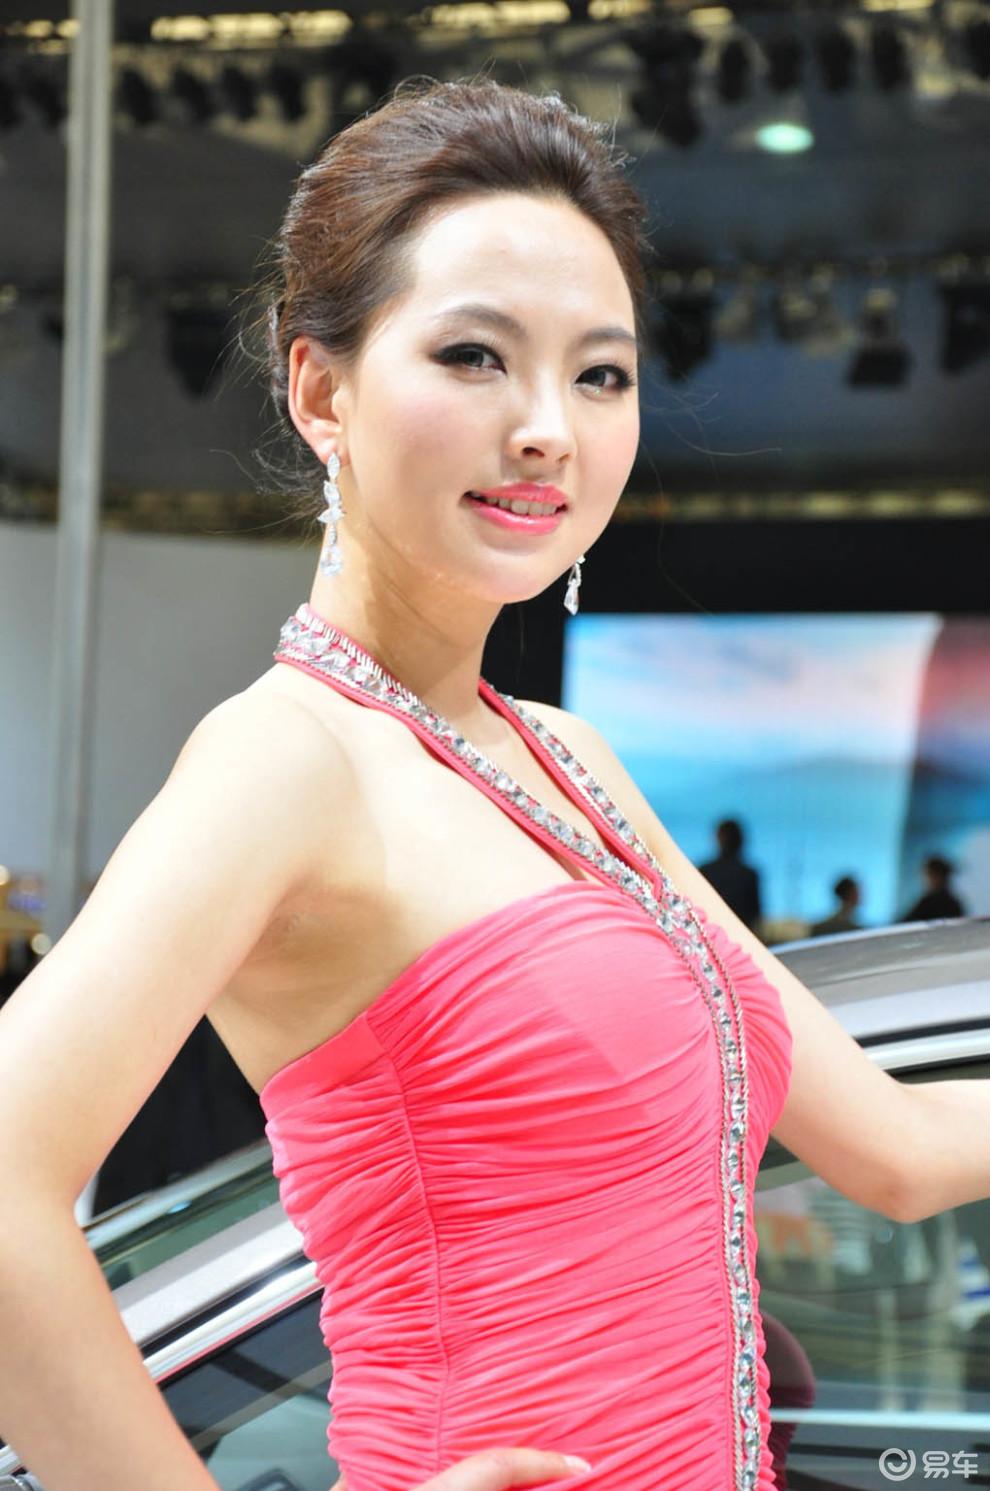 上海大众3号车模 - zcyyglzx - zcyyglzx的博客